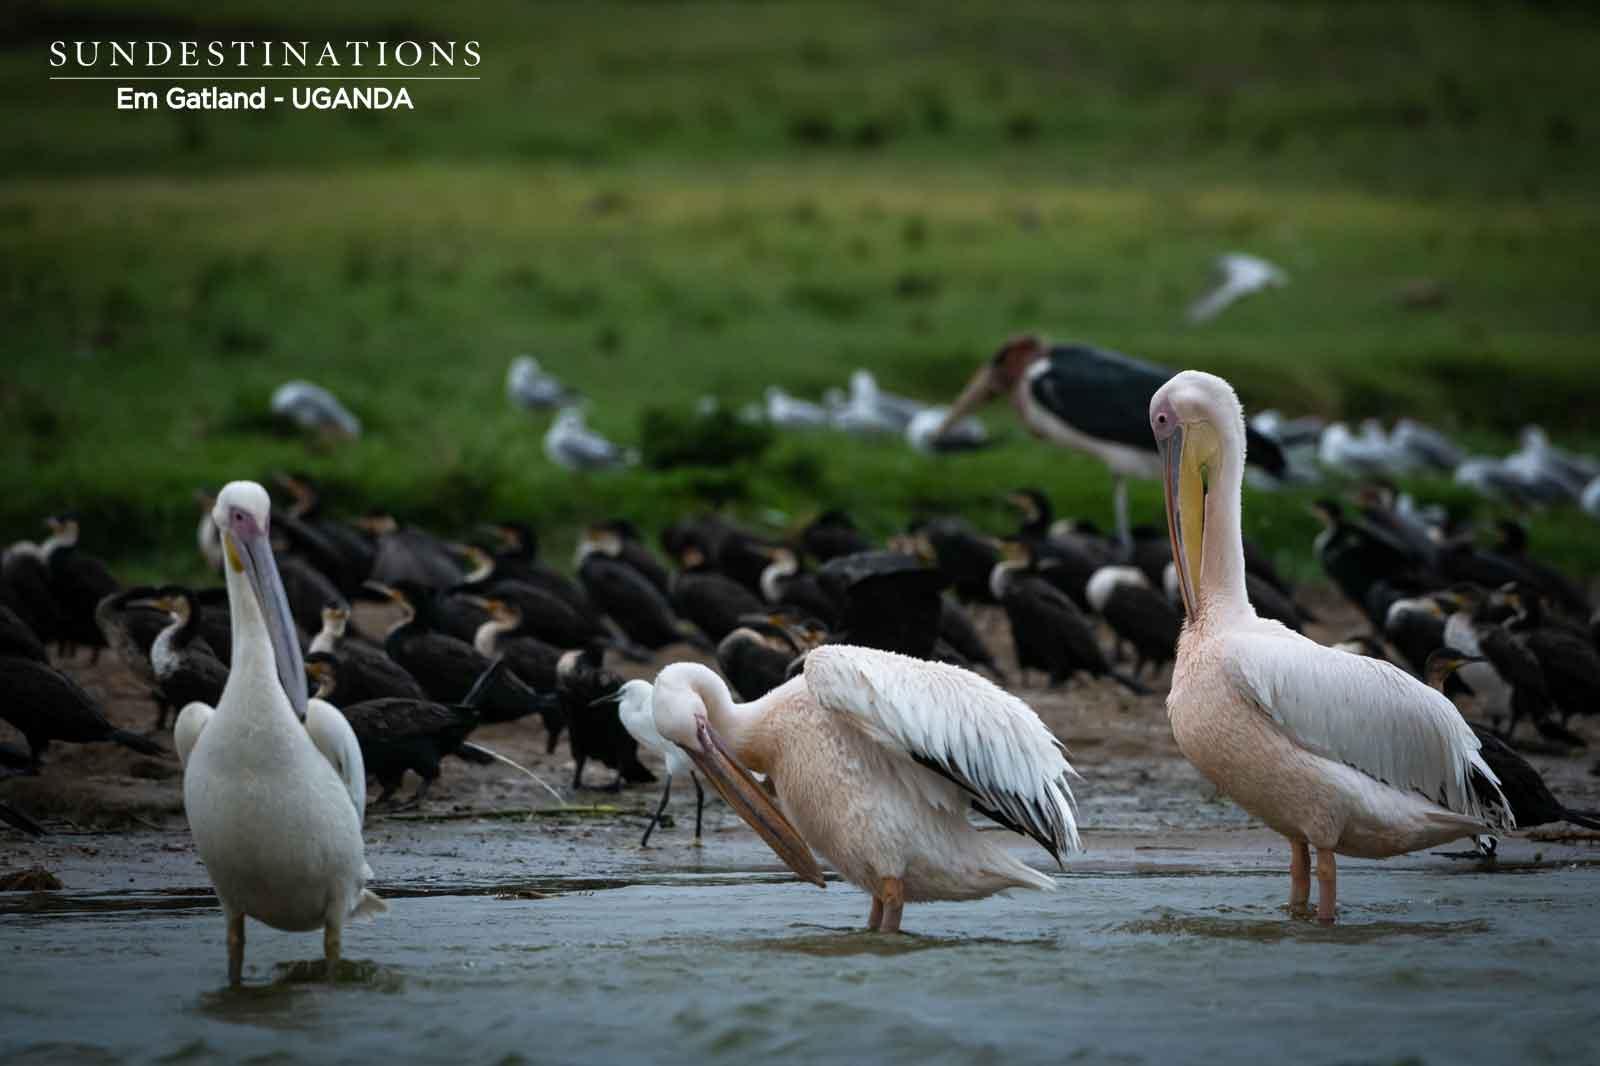 Queen Elizabeth Pelicans